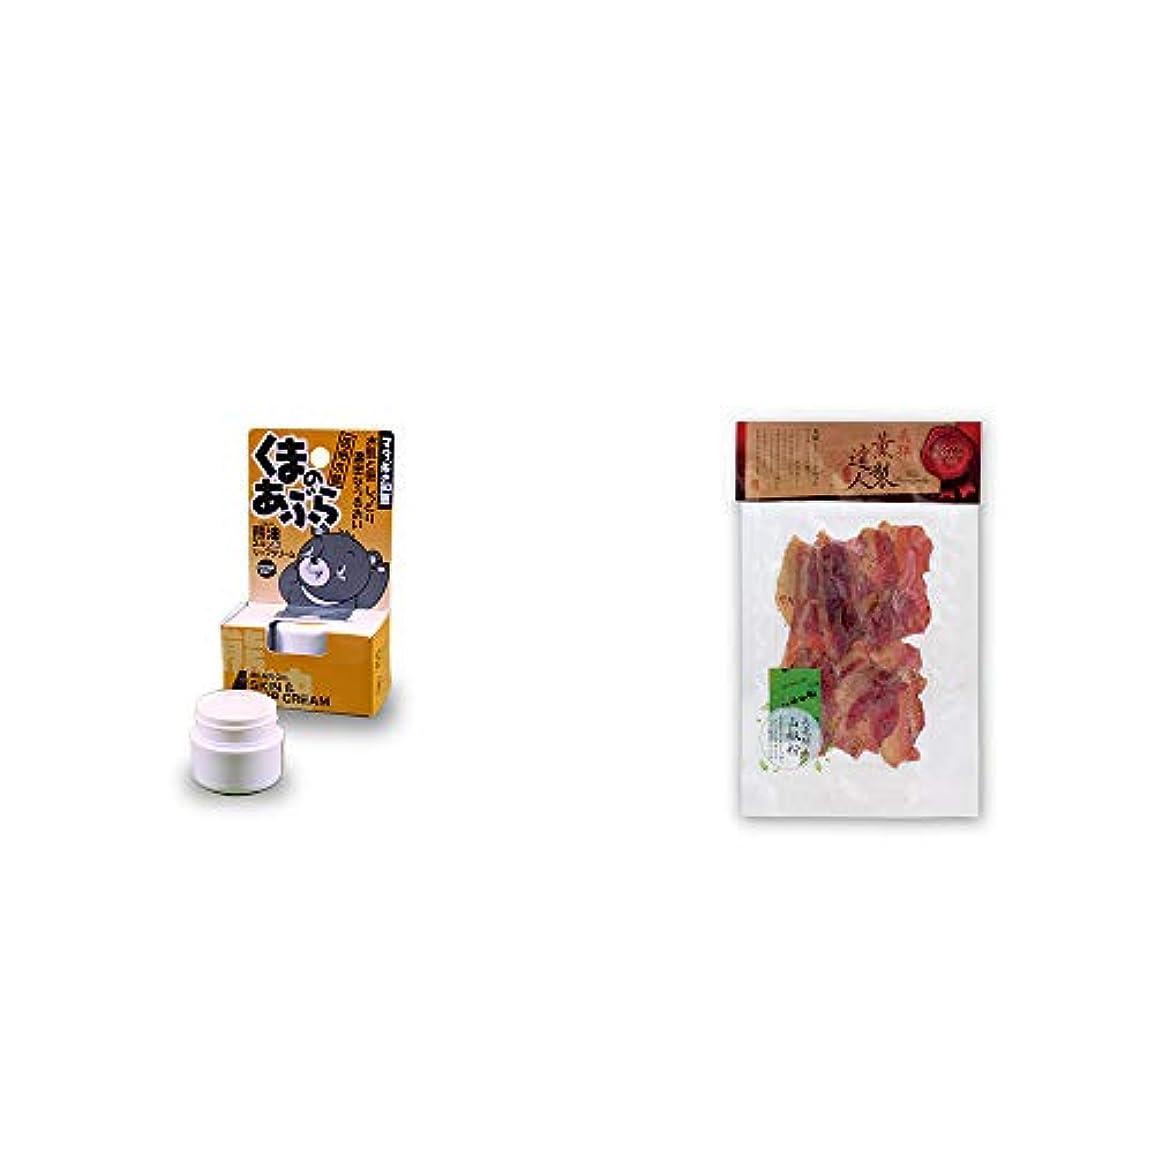 プレビュー稼ぐ本能[2点セット] 信州木曽 くまのあぶら 熊油スキン&リップクリーム(9g)?薫製達人 豚バラベーコン燻製(60g)[飛騨山椒付き]